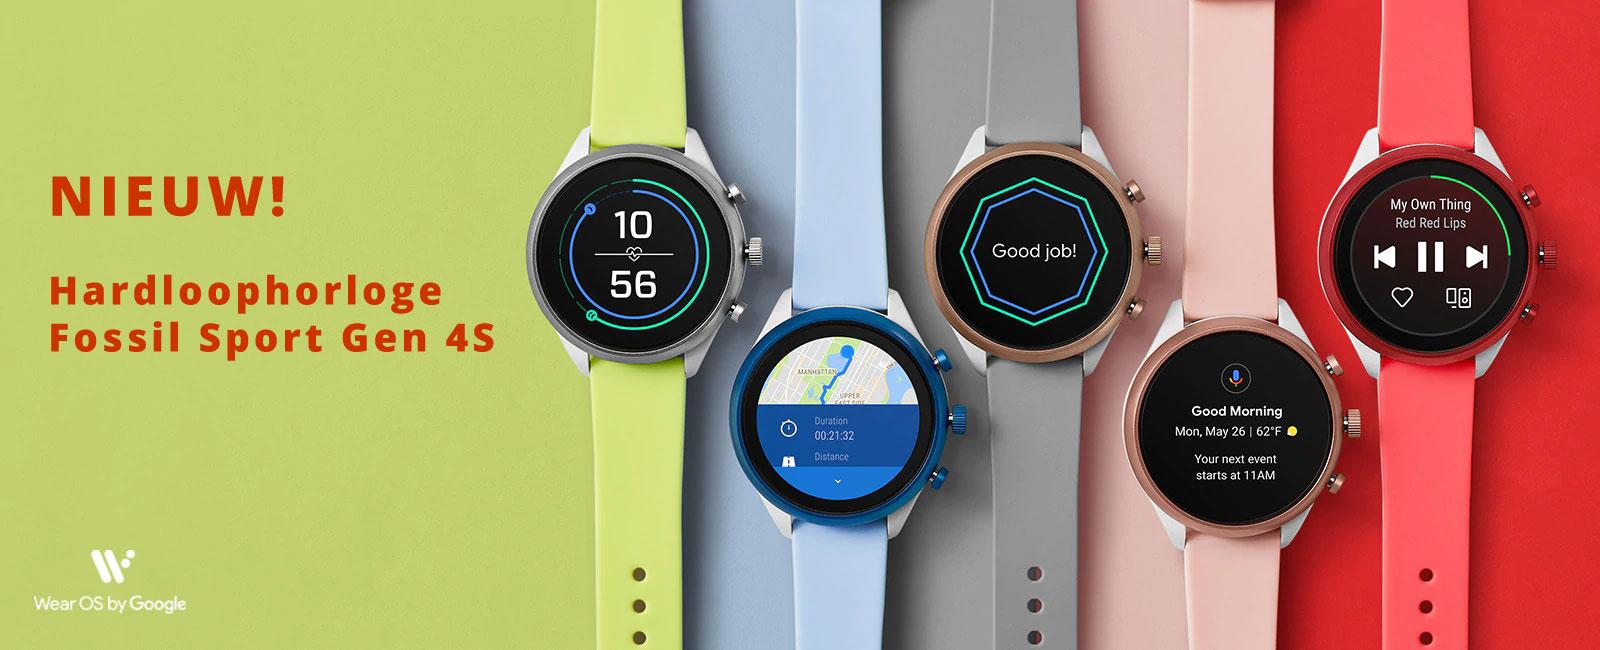 Hardloophorloge-smartwatch-Fossil-Gen-4-sport-kopen-bij-Wolters-Juweliers-Coevorden-Emmen